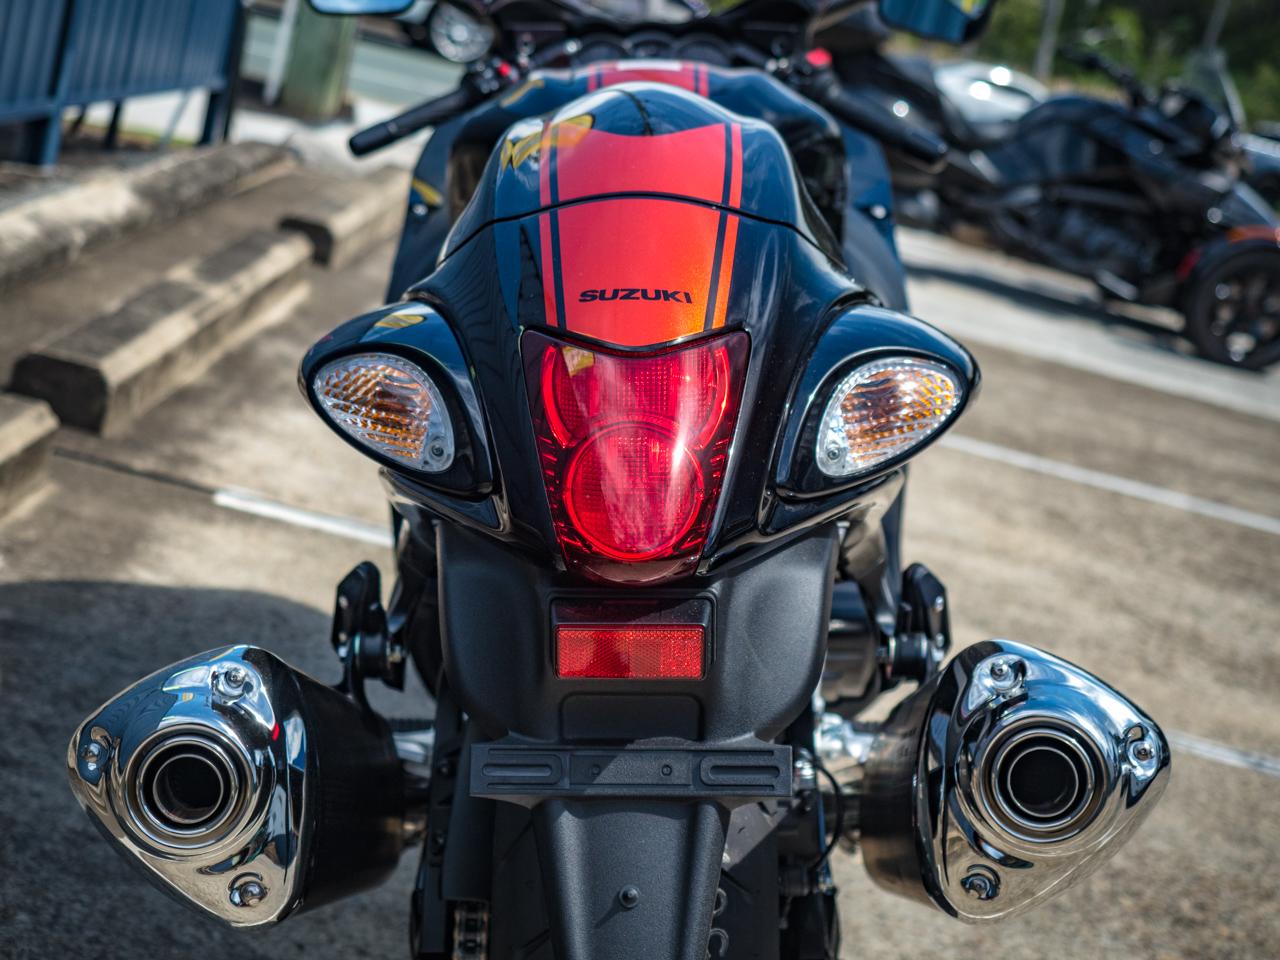 The Suzuki GSX-R1000 is on sale